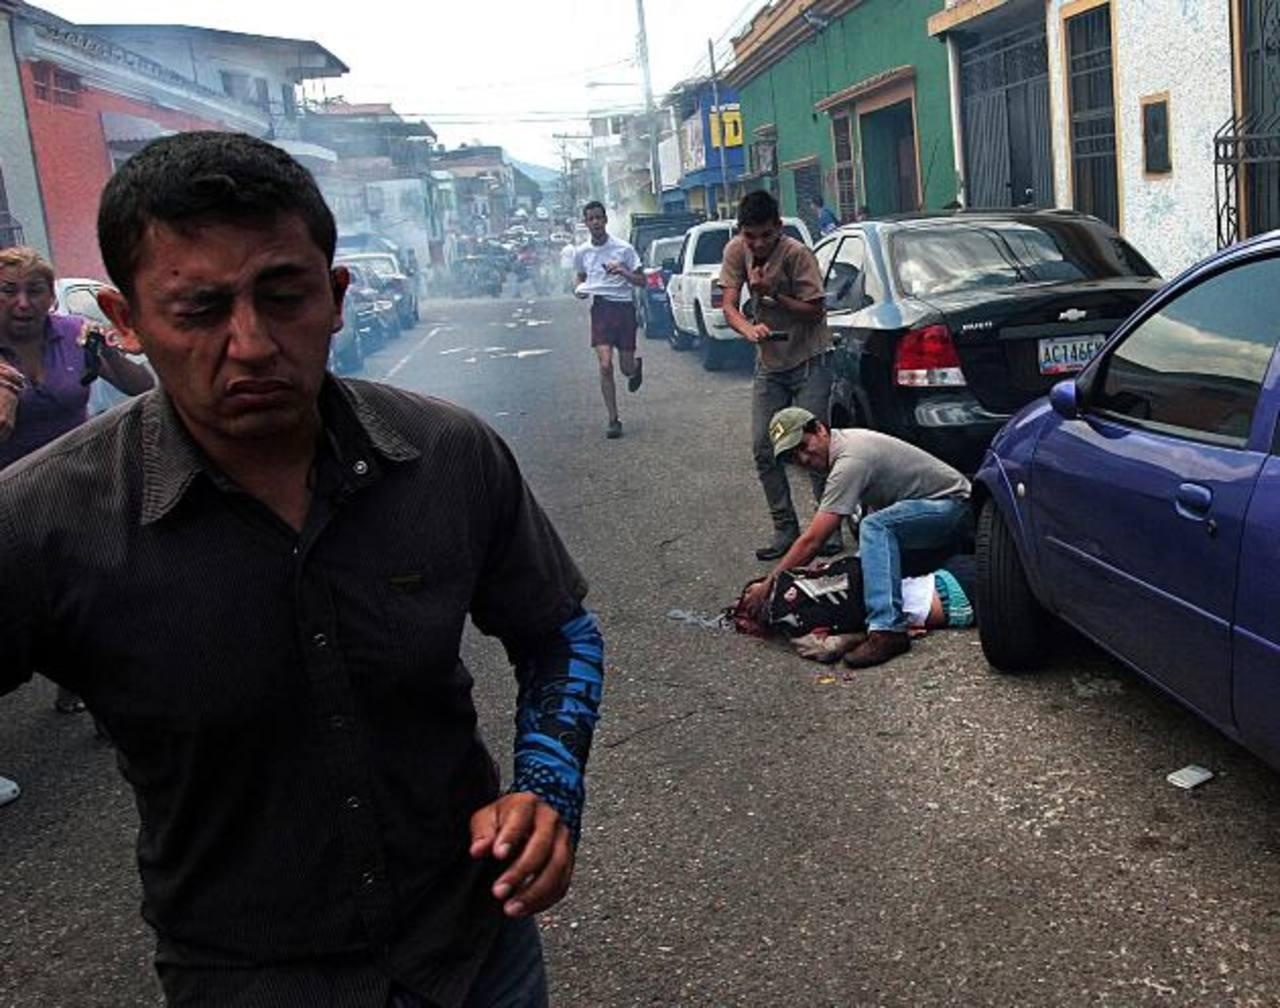 Al fondo, un hombre trata de auxiliar al joven estudiante que recibió el disparo en la cara.